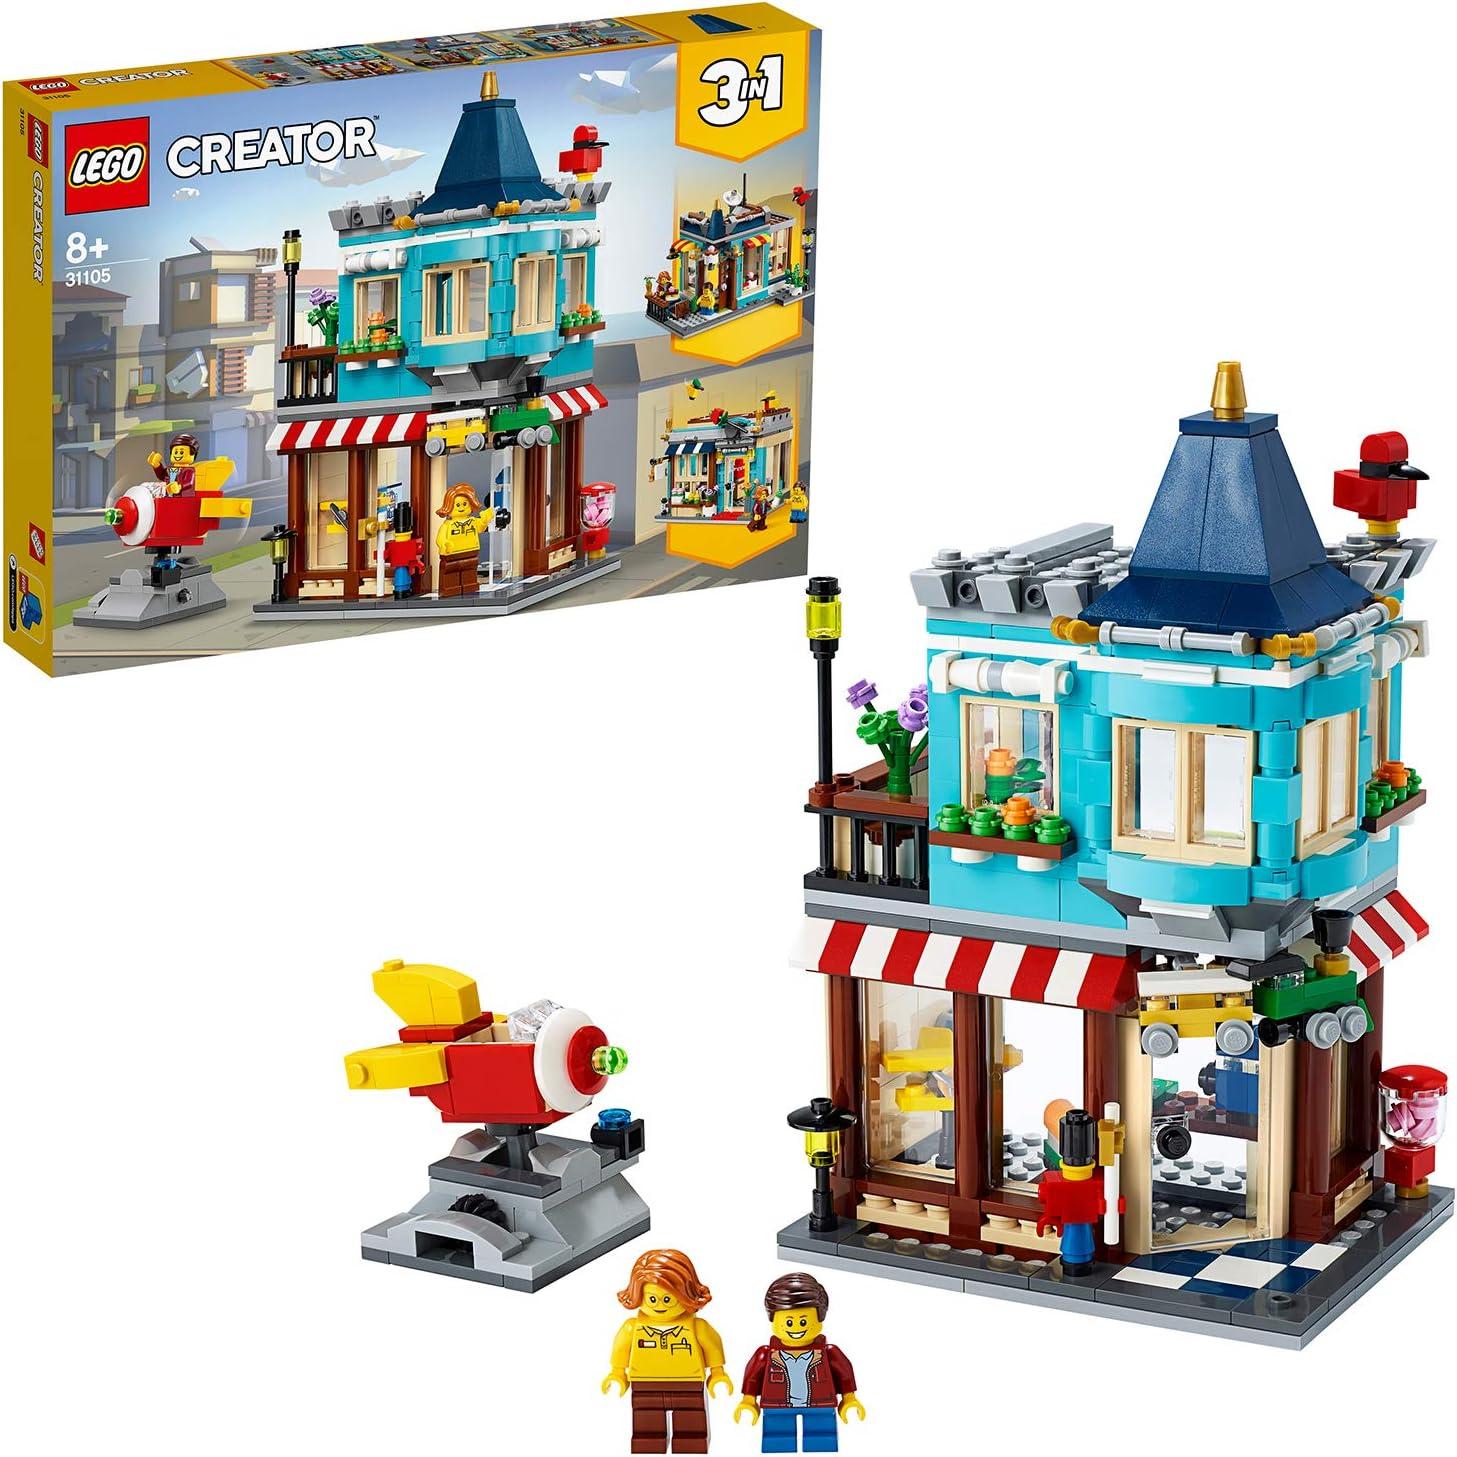 Hectares School education flap  LEGO Creator 3in1 il Negozio di Giocattoli, Set di Costruzioni Ricco di  Dettagli per Bambini 8+ Anni, Tre Opzioni di Costruzione: un Negozio di  Giocattoli, una Pasticceria o un Fioraio, 31105: Amazon.it: